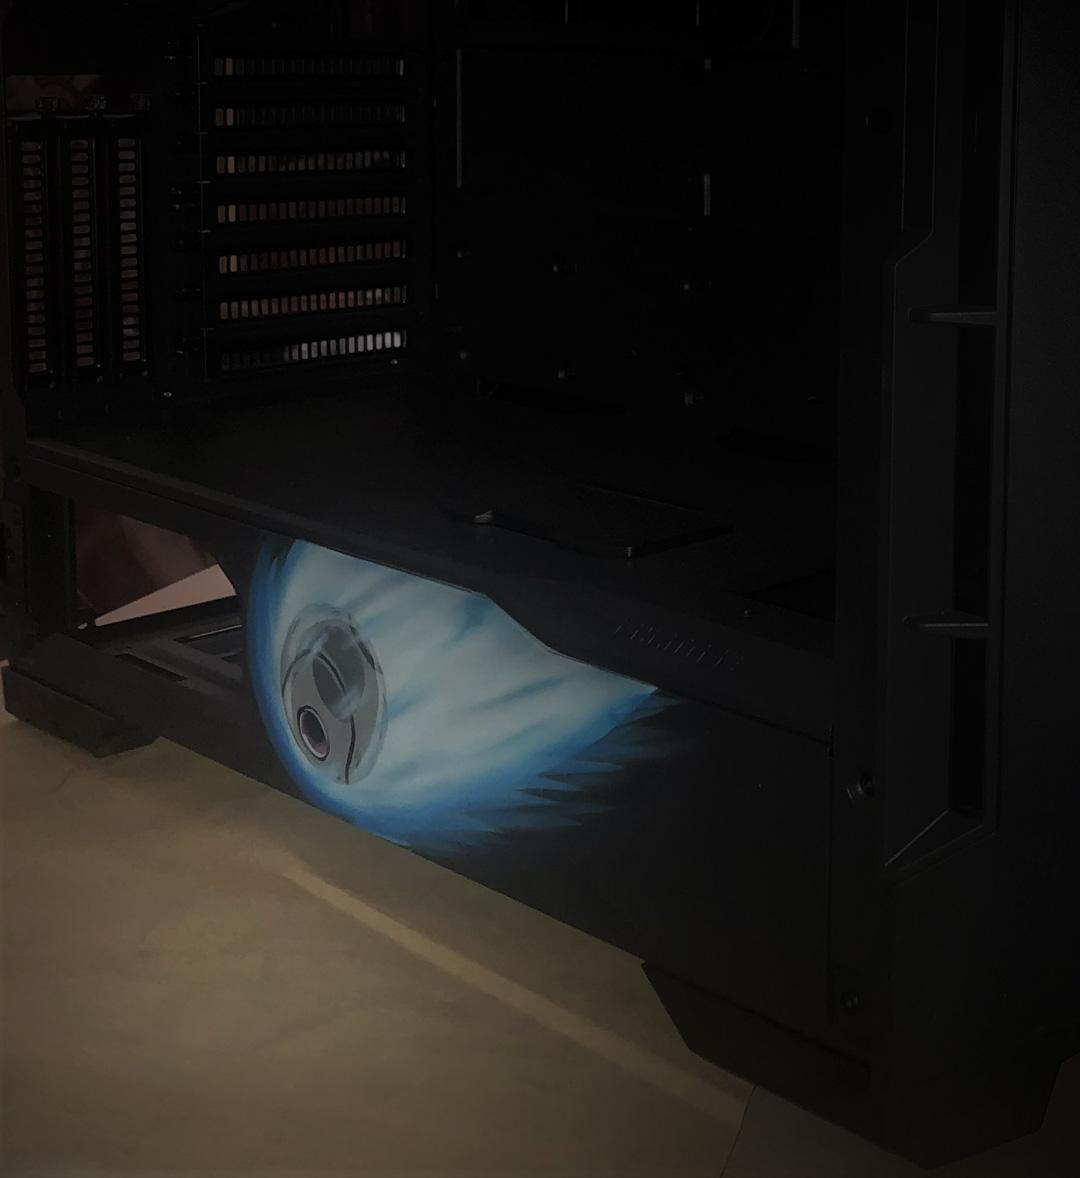 Réalisation du cache alimentation du PC Végéta P600S Final Flash à l'aérographe étape par étape